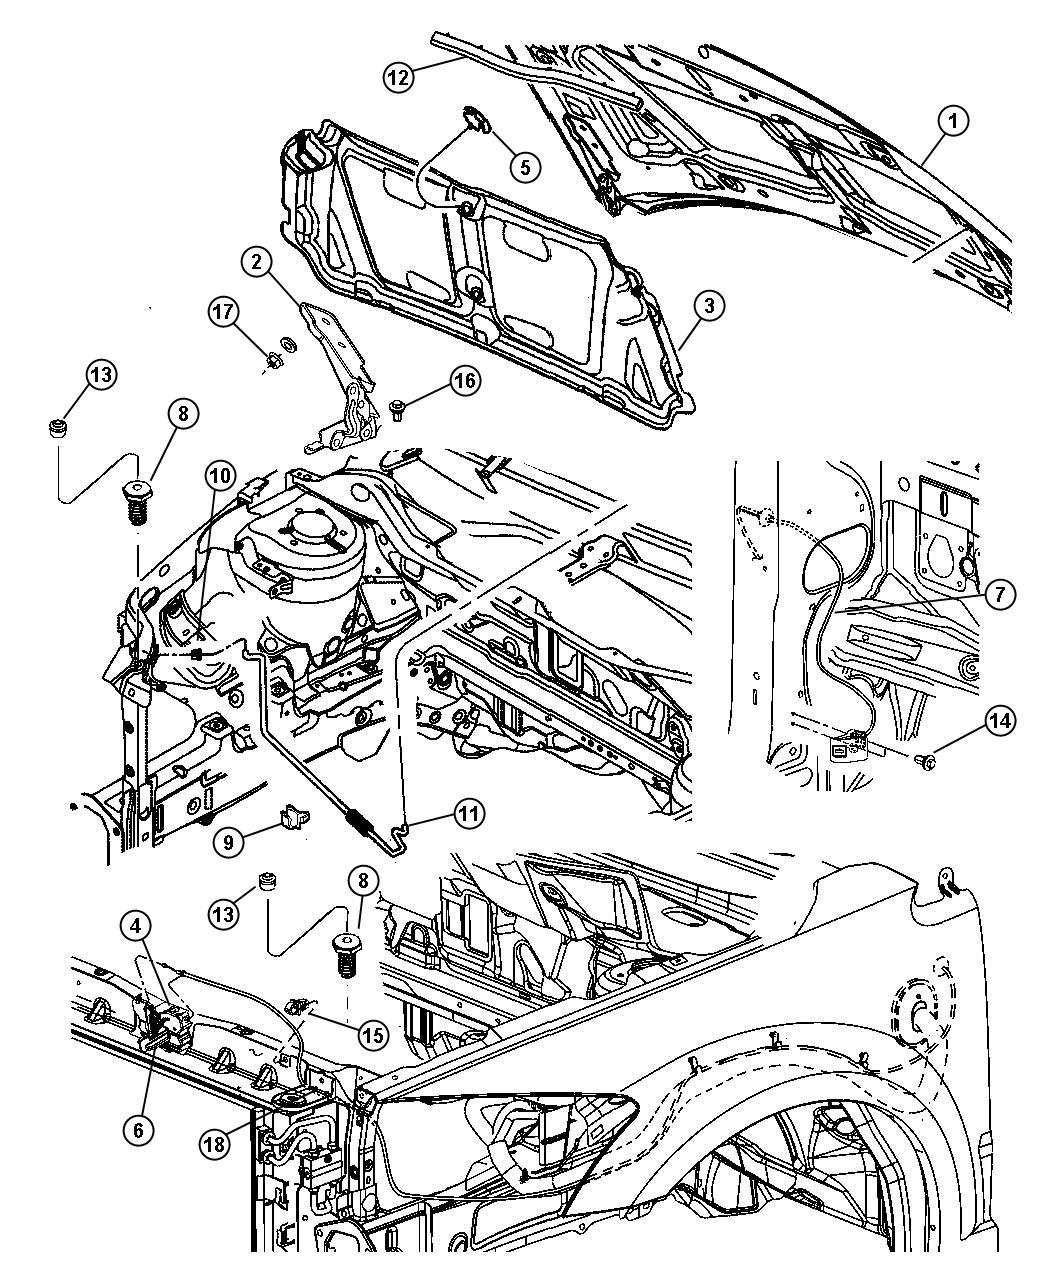 2010 Dodge Caliber Prop. Hood. Without [hood power bulge